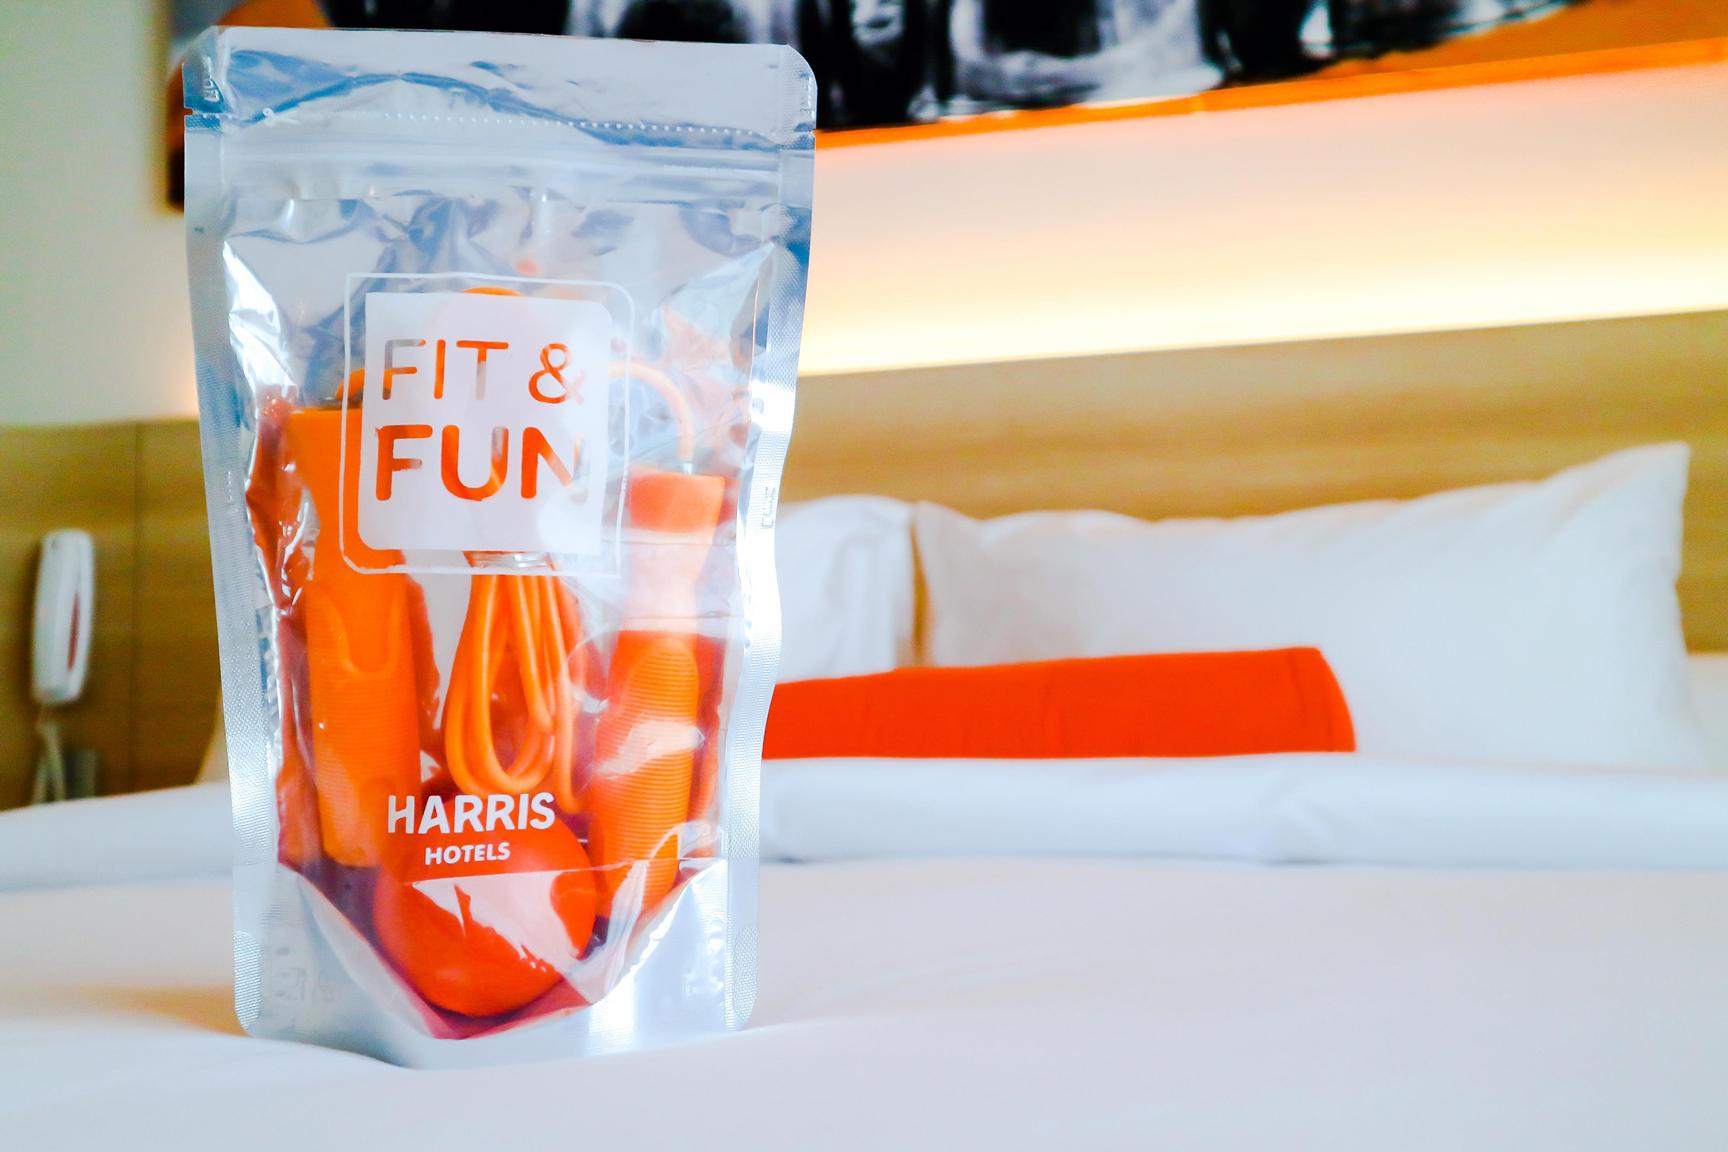 HARRIS Hotels Meluncurkan Paket Fit & Fun